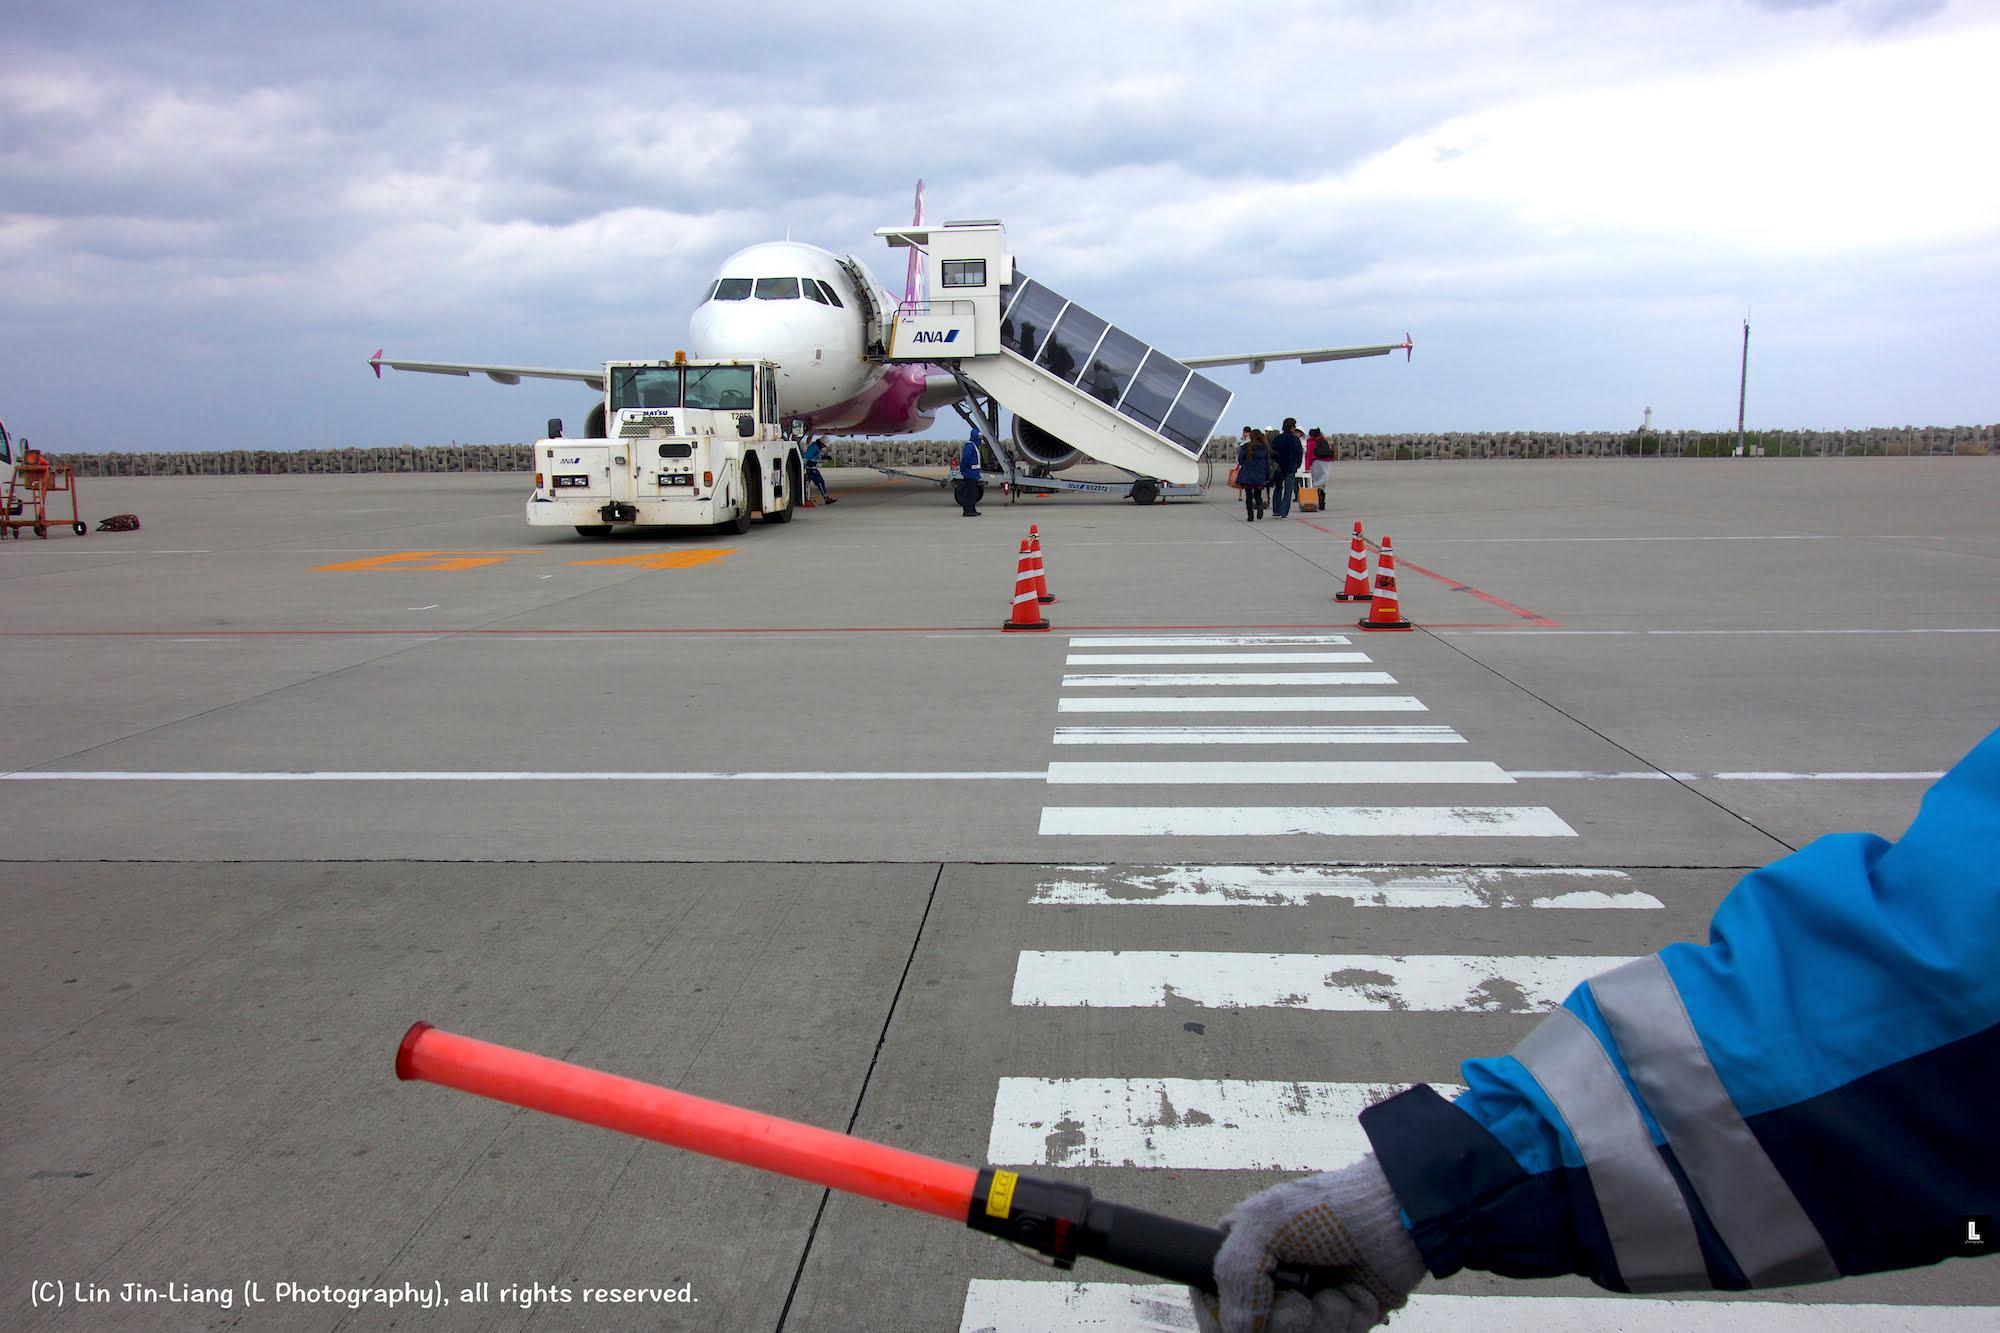 Peach Air Aviation